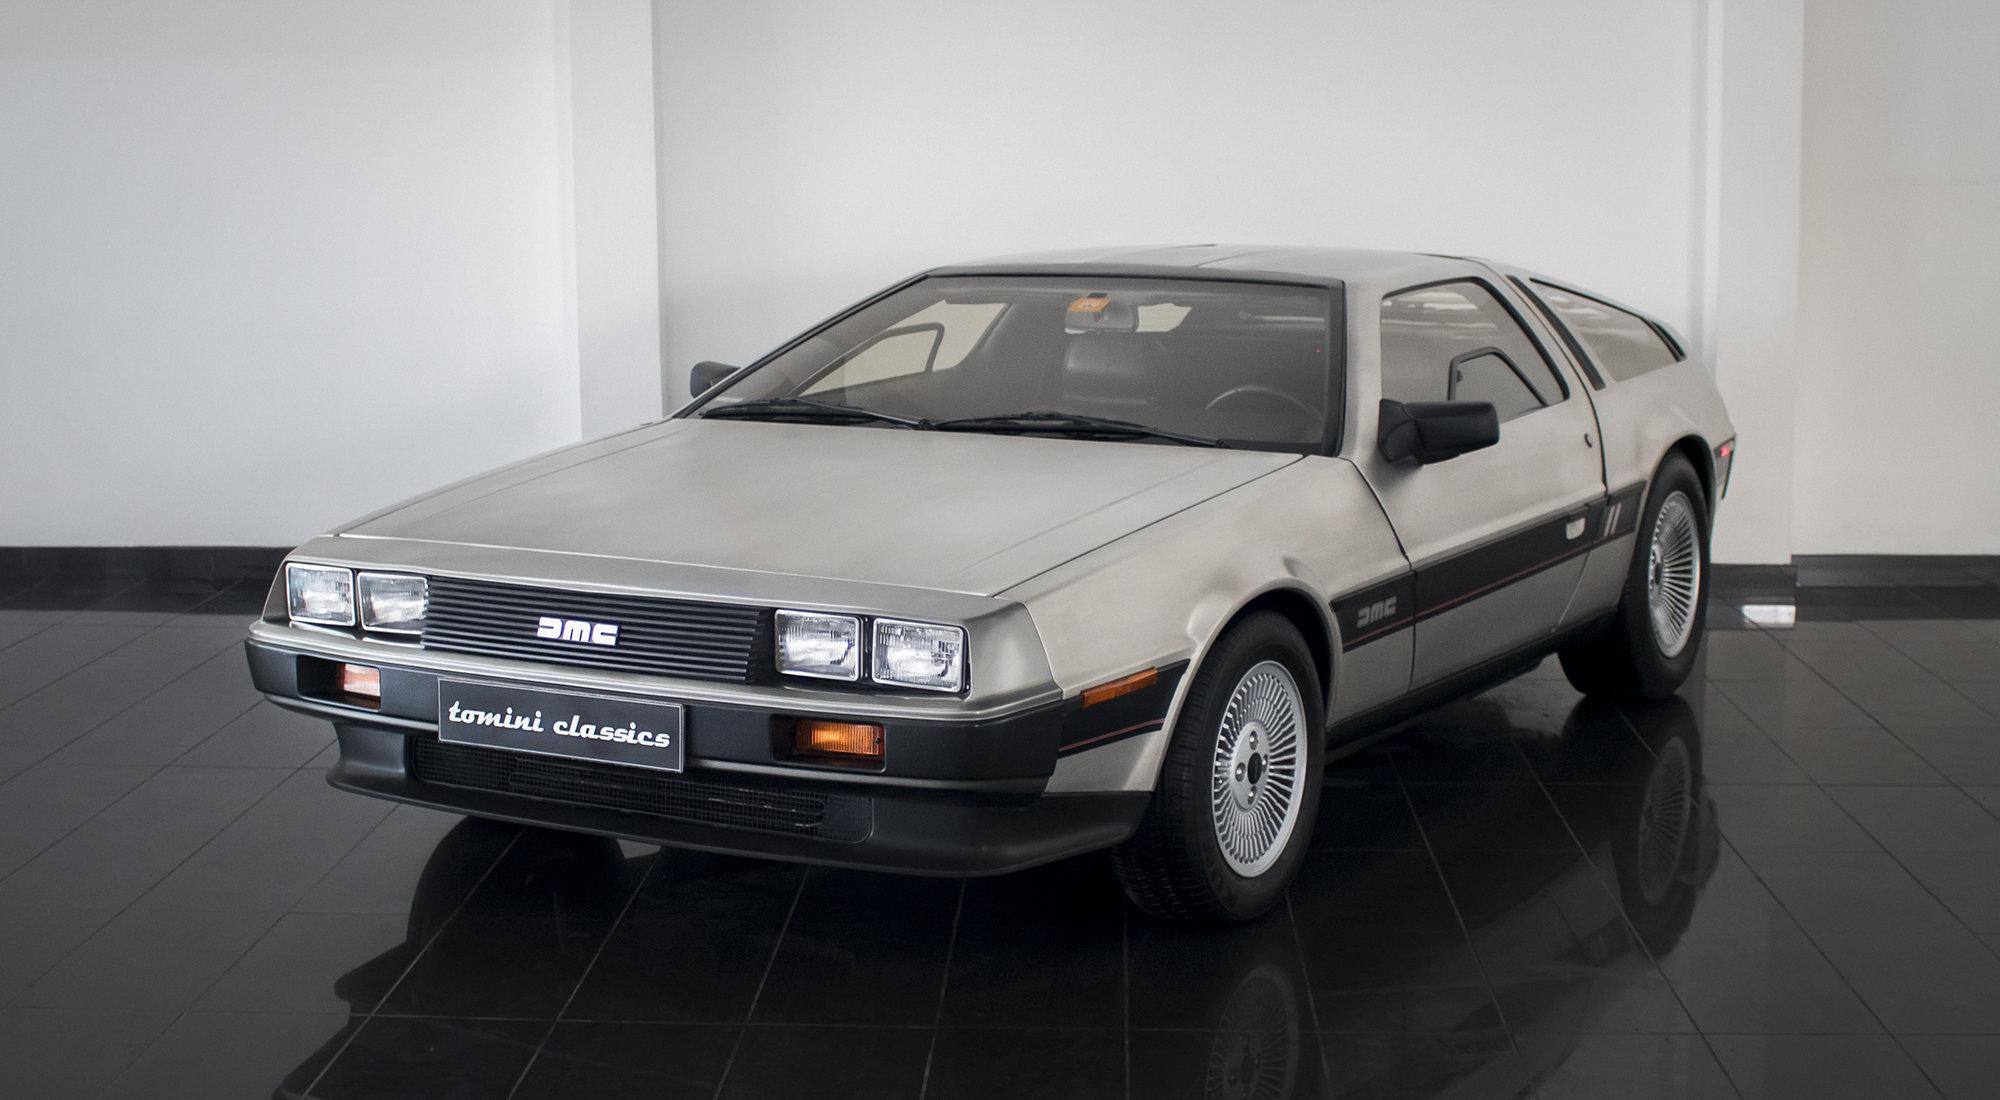 DeLorean DMC-12 (1981) For Sale (picture 2 of 6)